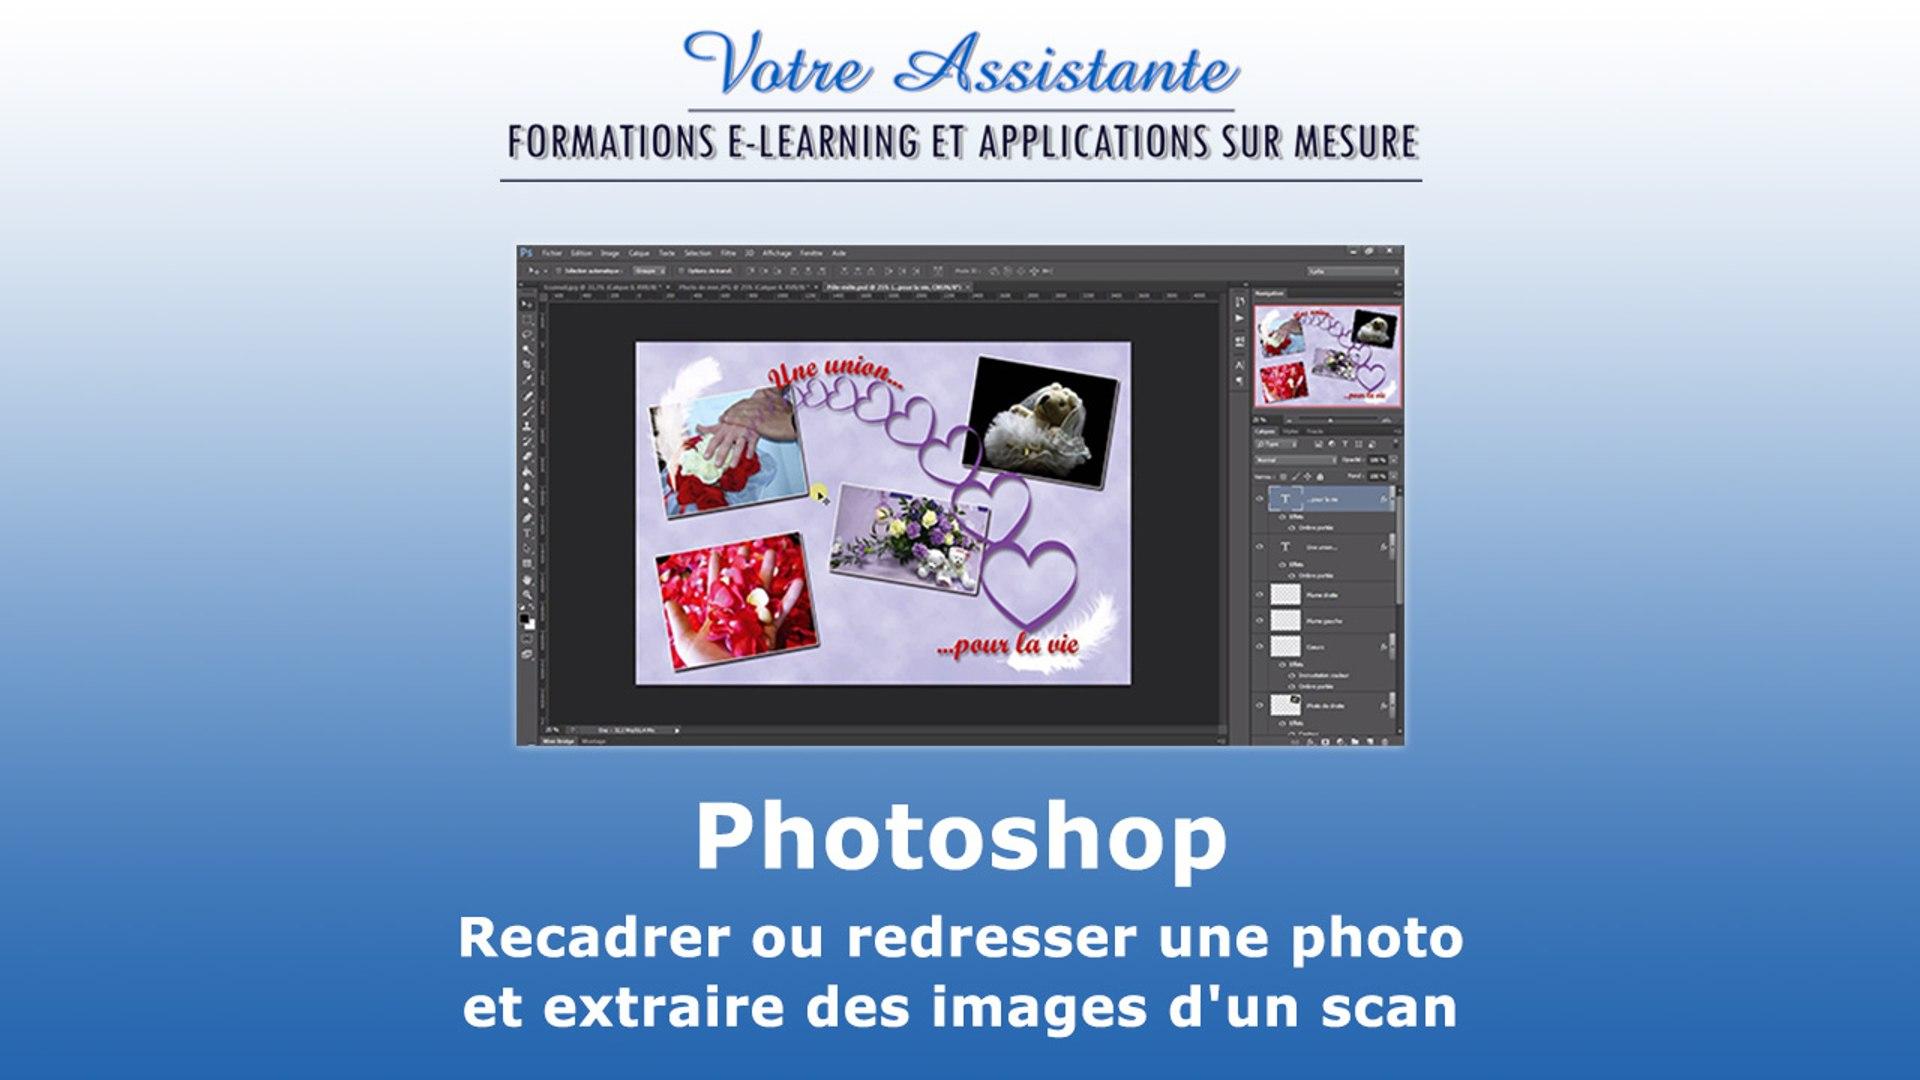 Recadrer Ou Redresser Une Photo Et Extraire Des Images Dun Scan Avec Photoshop